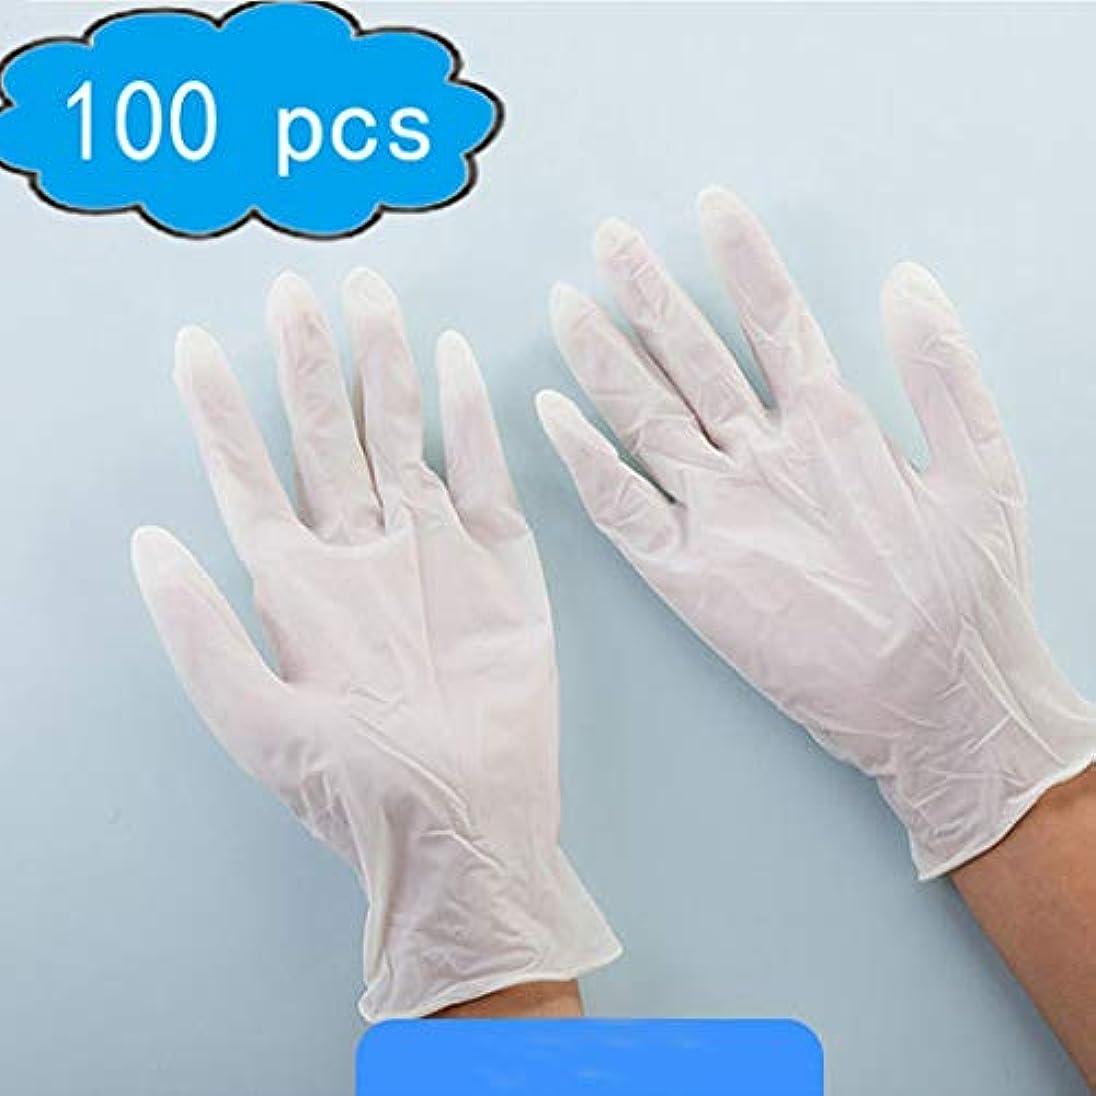 永遠のガラスクライアント使い捨て手袋、厚手版、白い粉のない使い捨てニトリル手袋[100パック] - 大、サニタリー手袋、応急処置用品 (Color : White, Size : S)